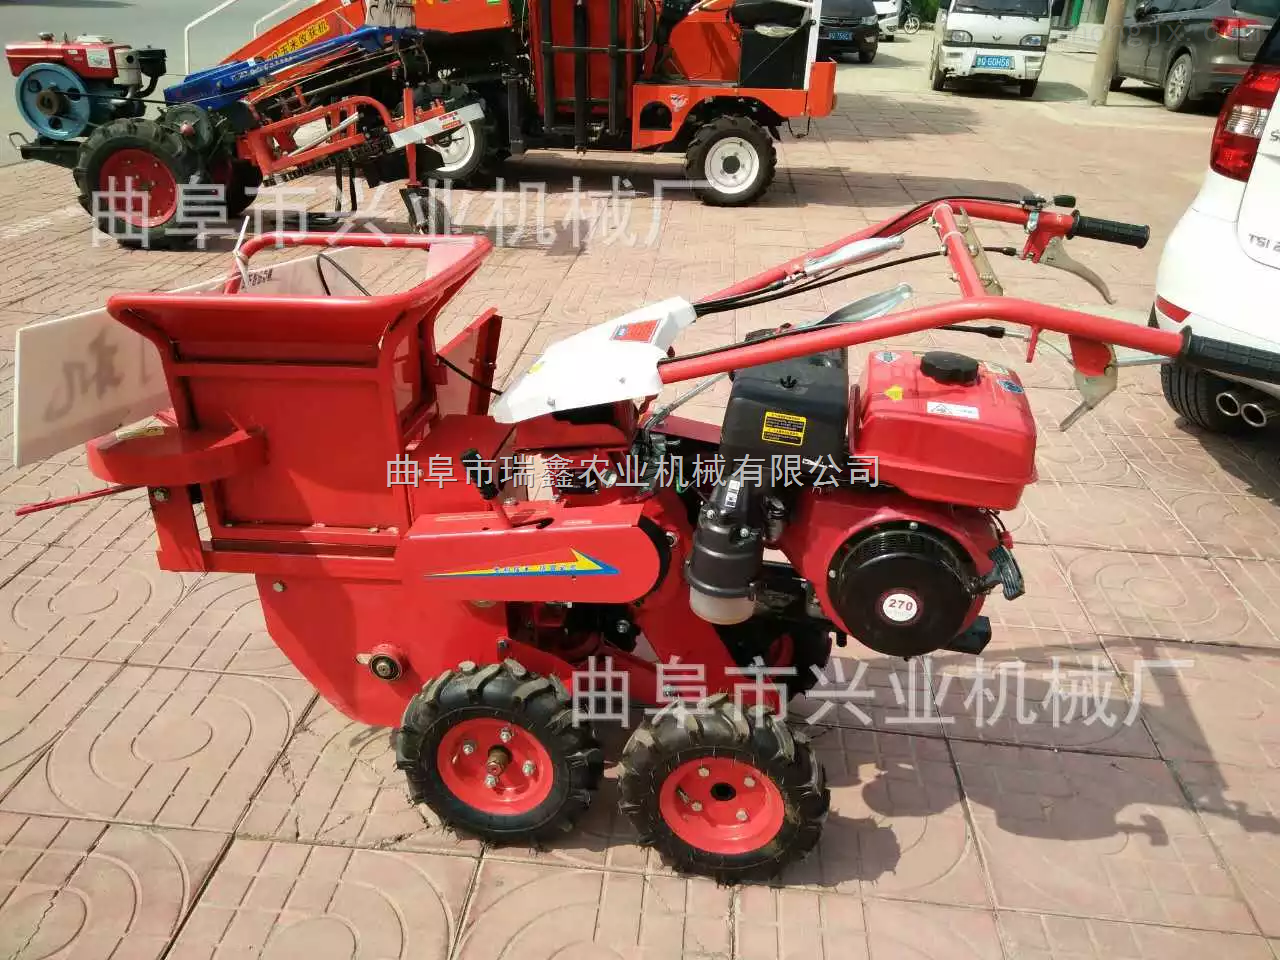 自走式小型玉米收割机 掰玉米棒子机 玉米收获机型号